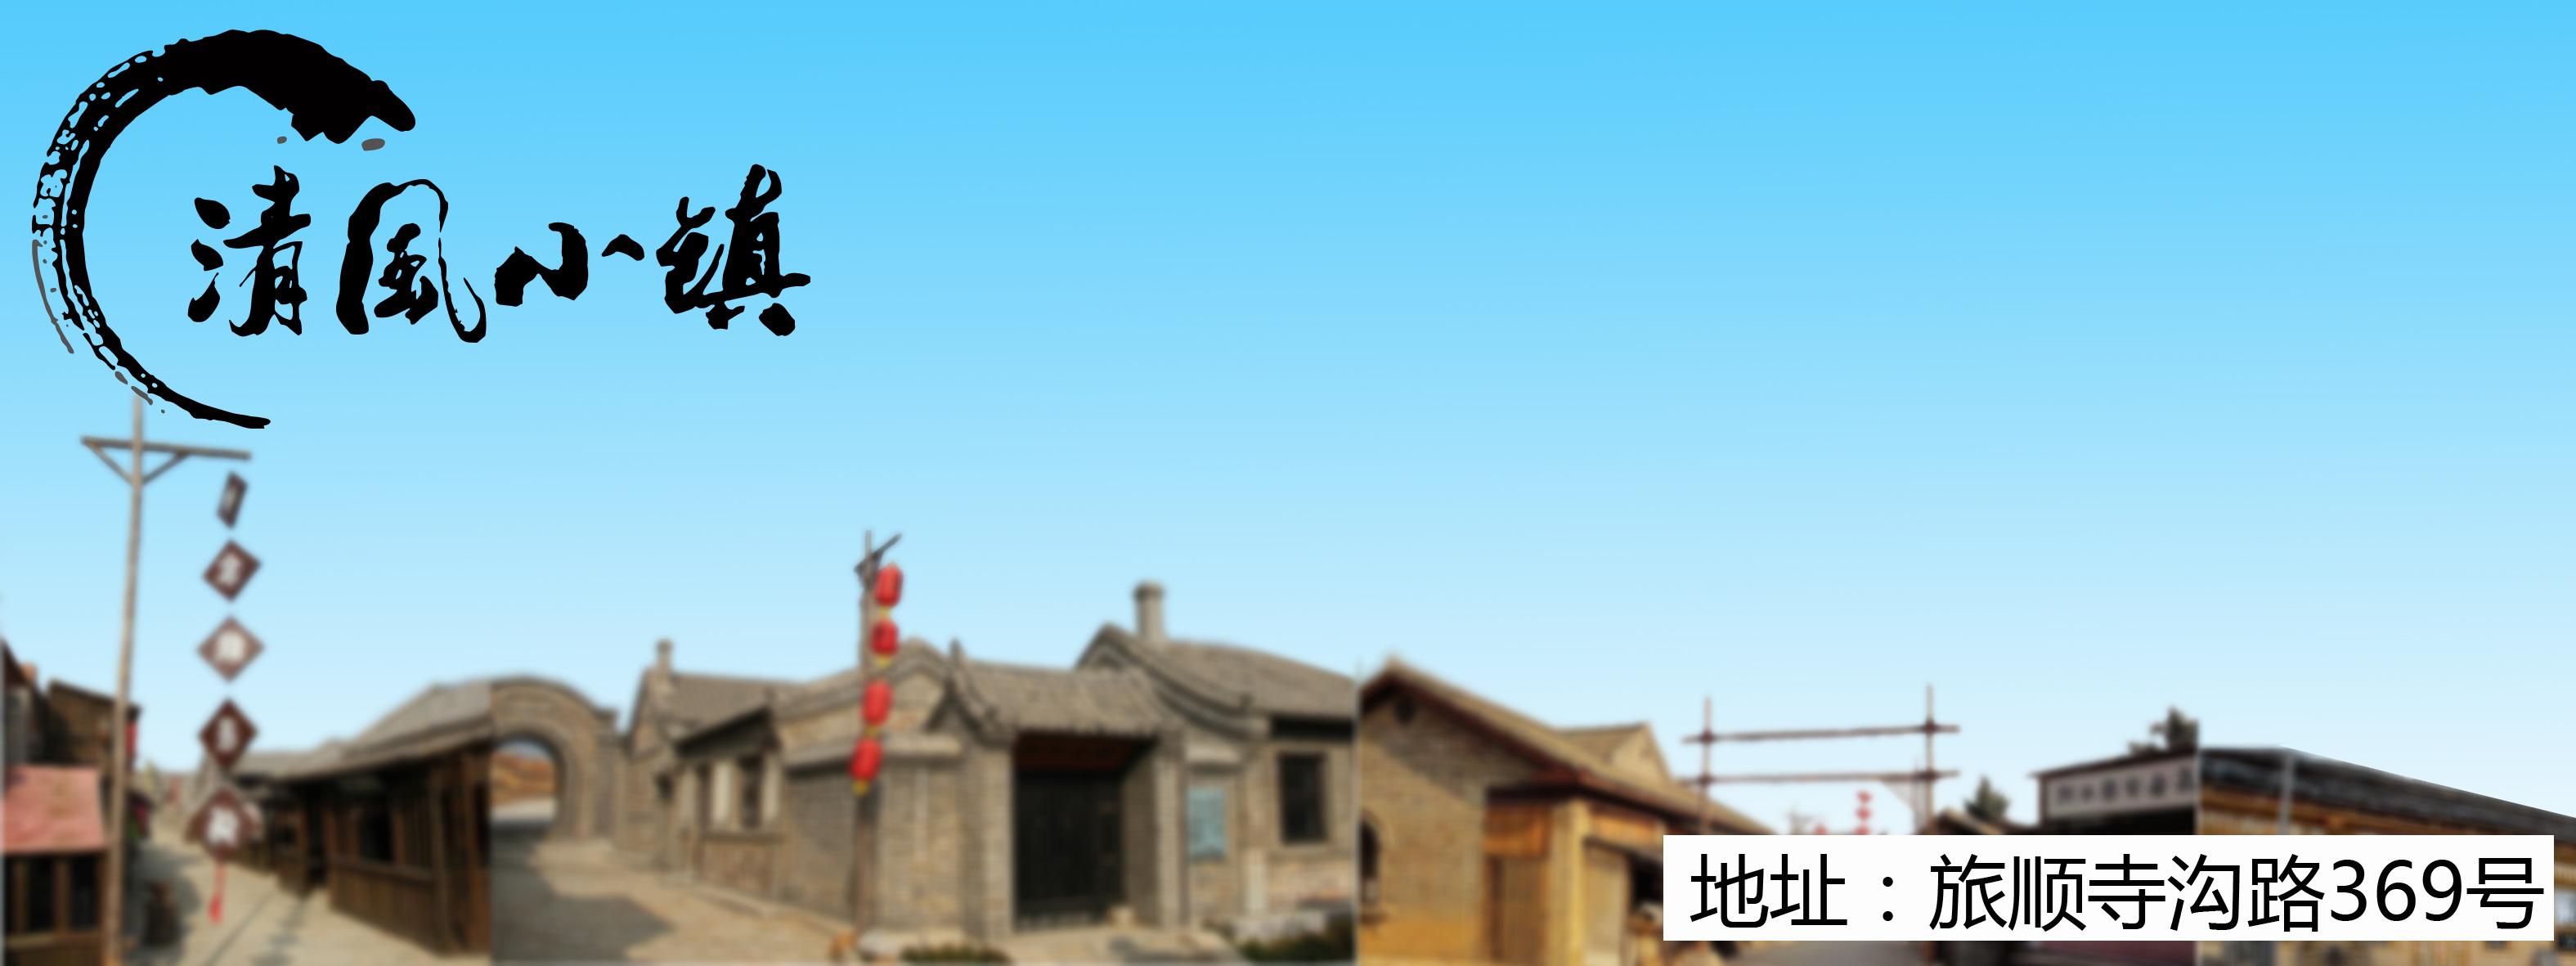 清风小镇影视基地户外广告牌设计_2963410_k68威客网